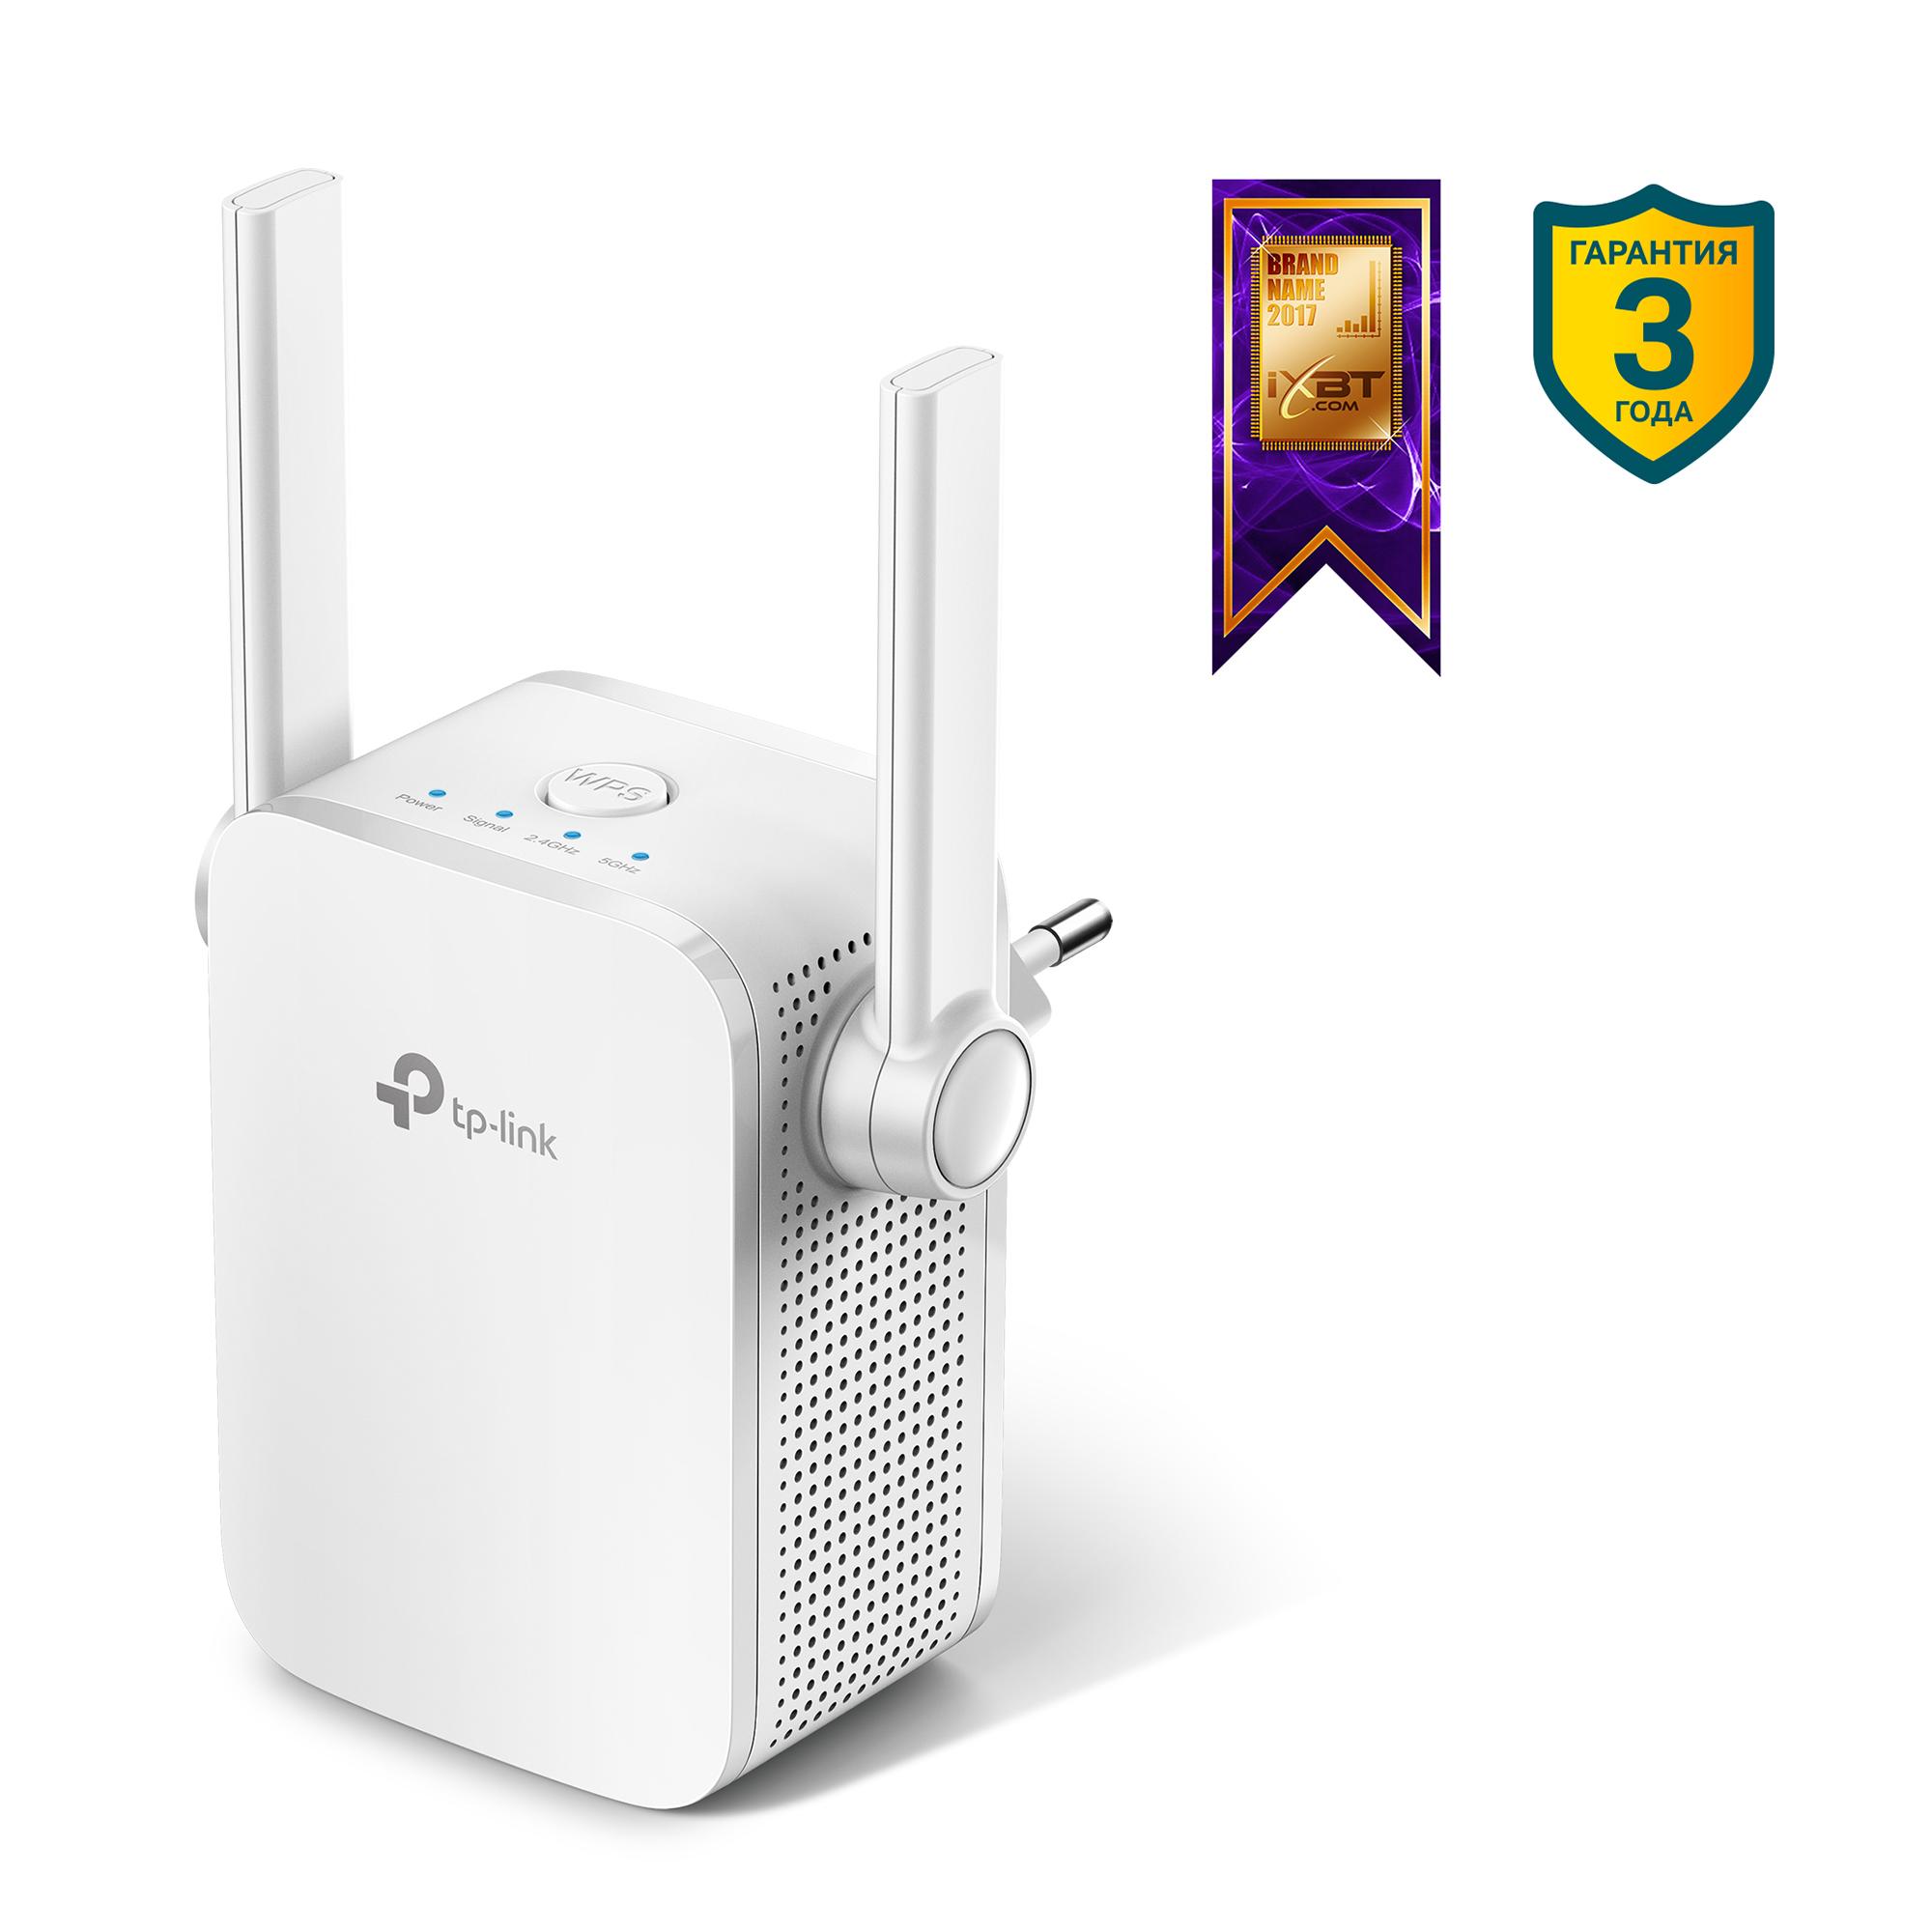 цена на Усилитель сигнала TP-LINK RE205 AC750 Усилитель Wi-Fi сигнала